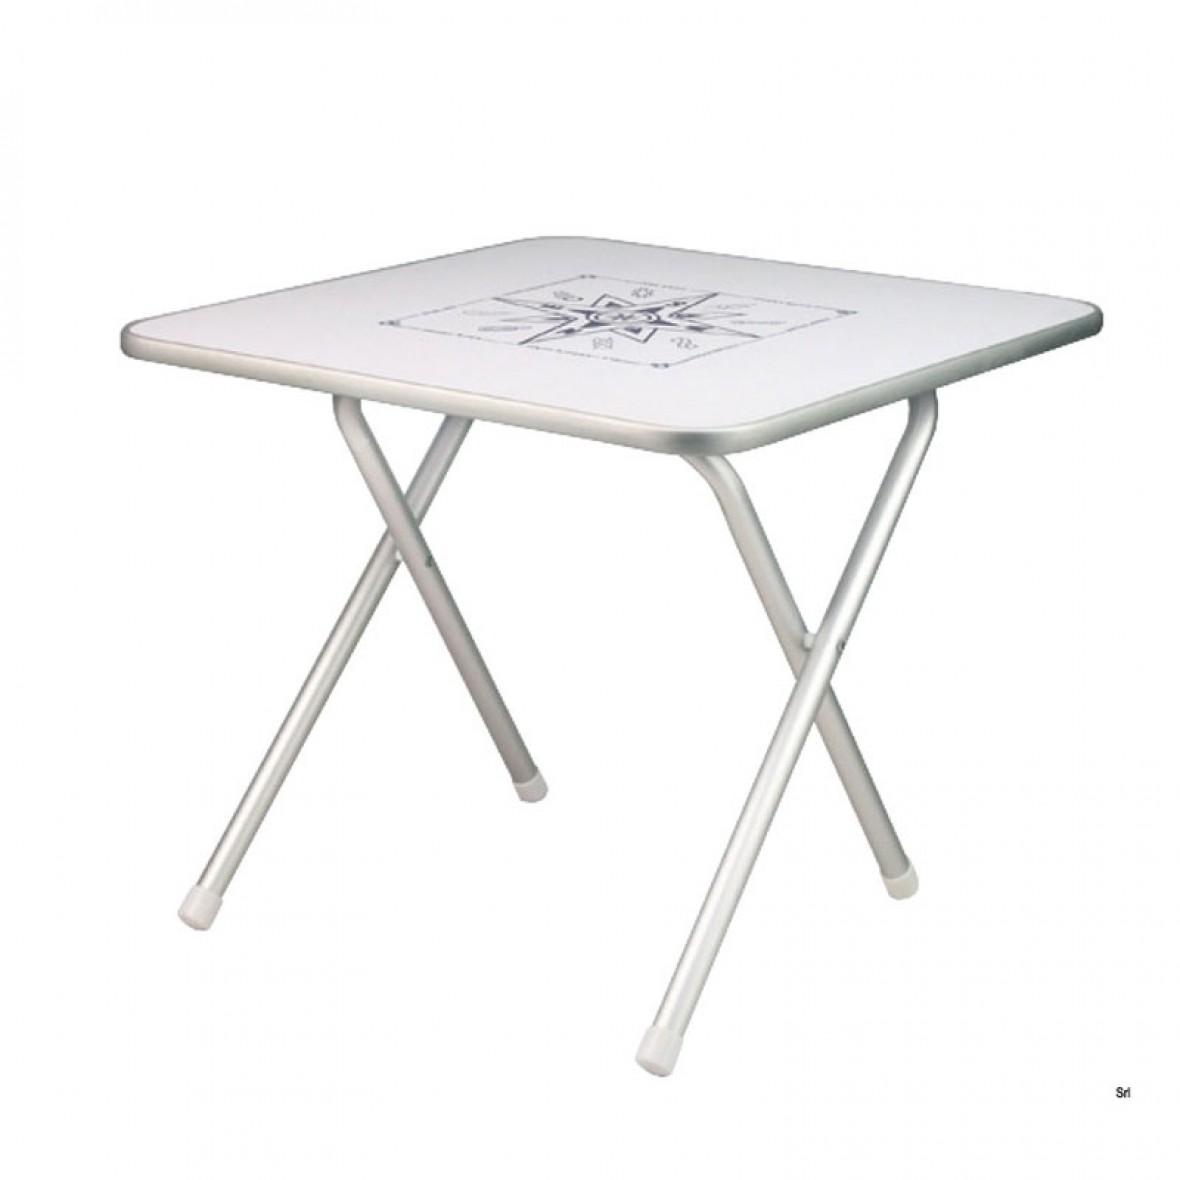 Tavoli Pieghevoli In Alluminio.Vendita Online Tavolo Per Barca Pieghevole In Alluminio Cm 60x40